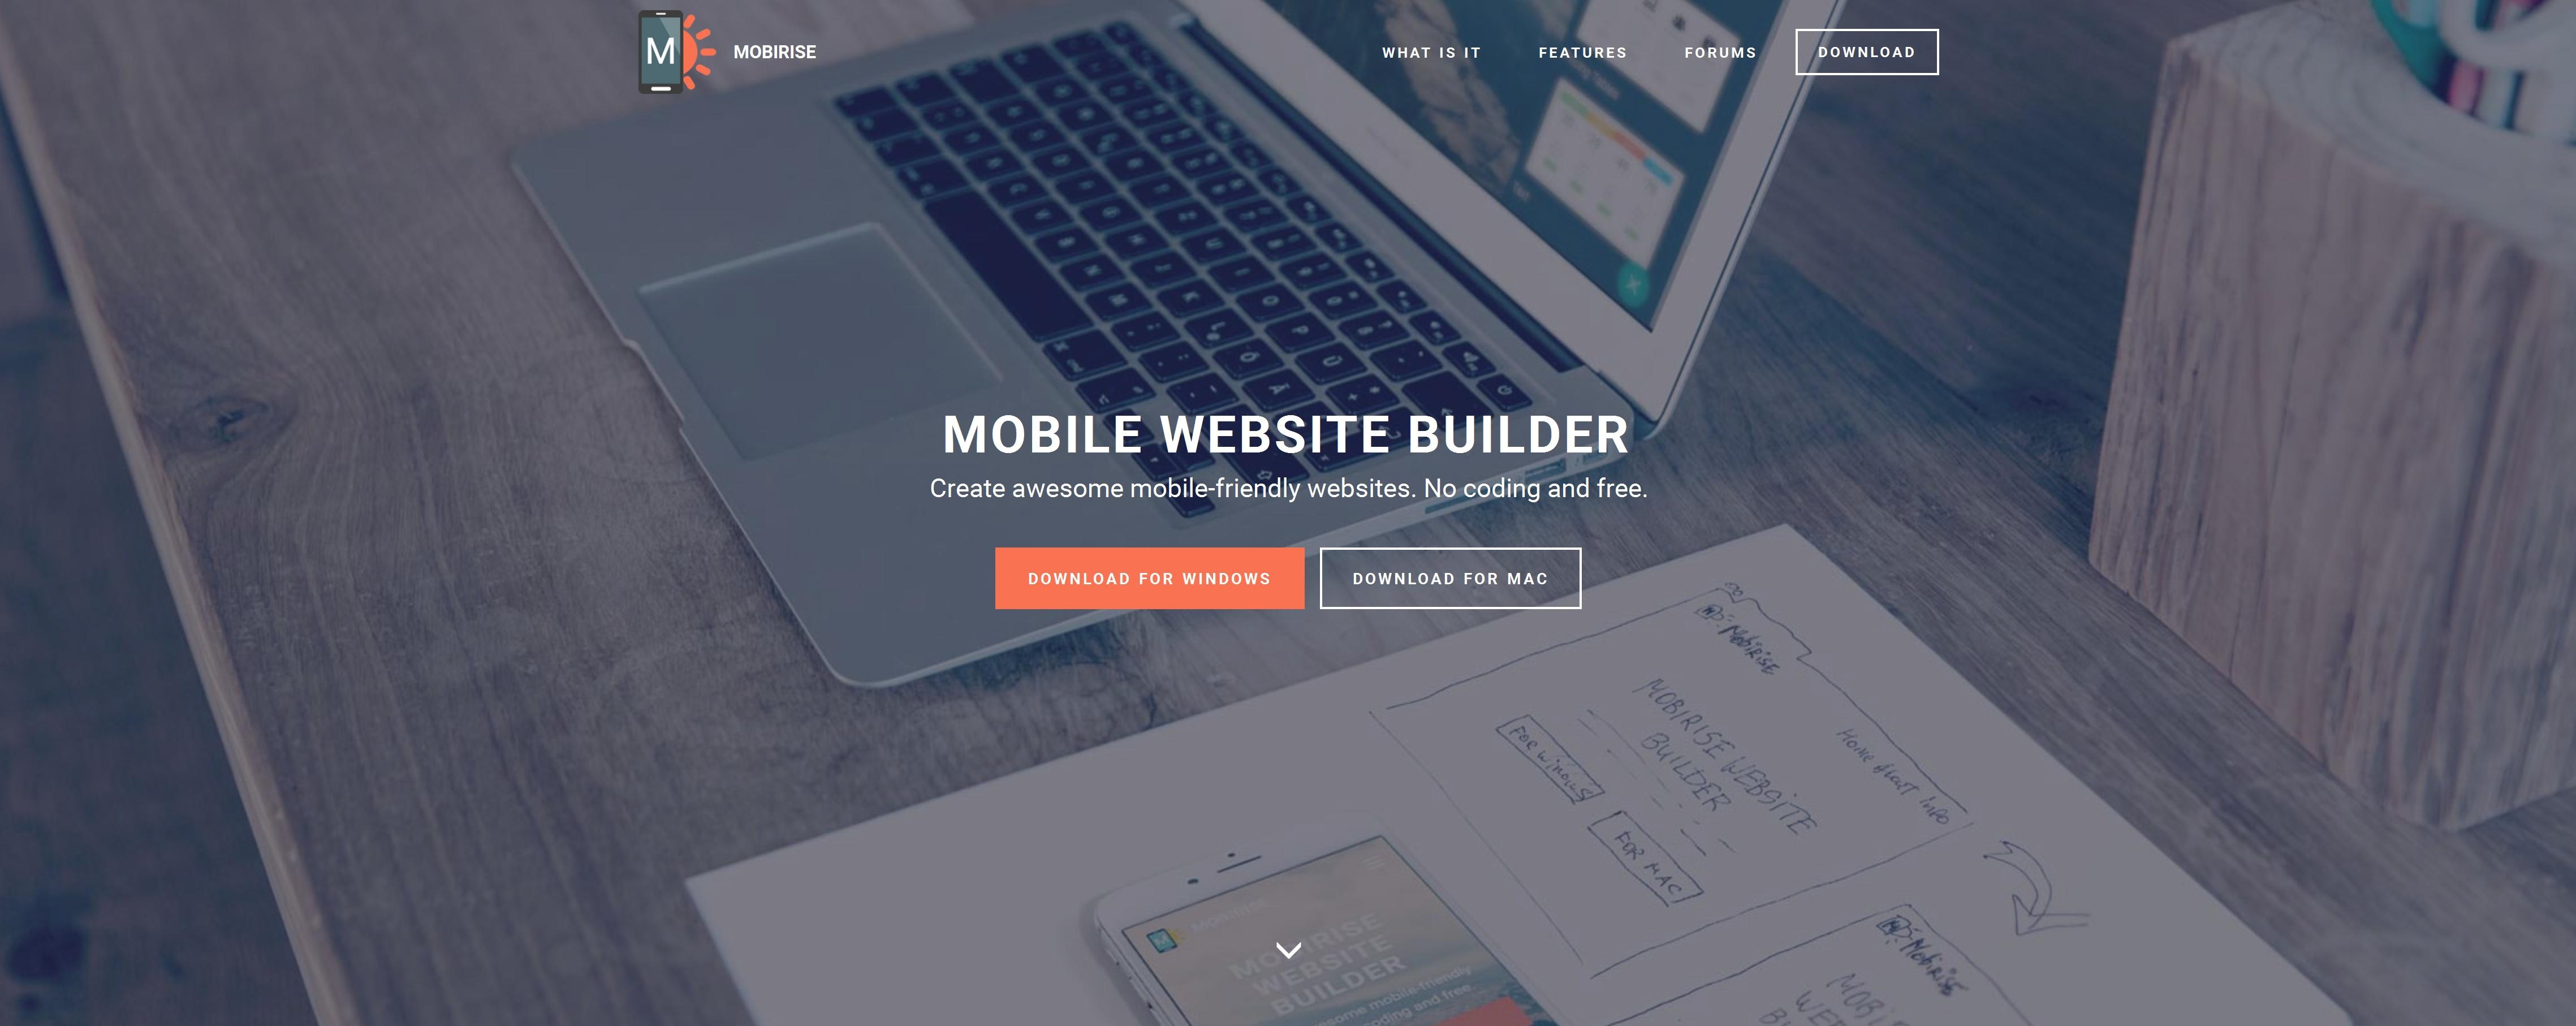 Best Mobile Website Builder